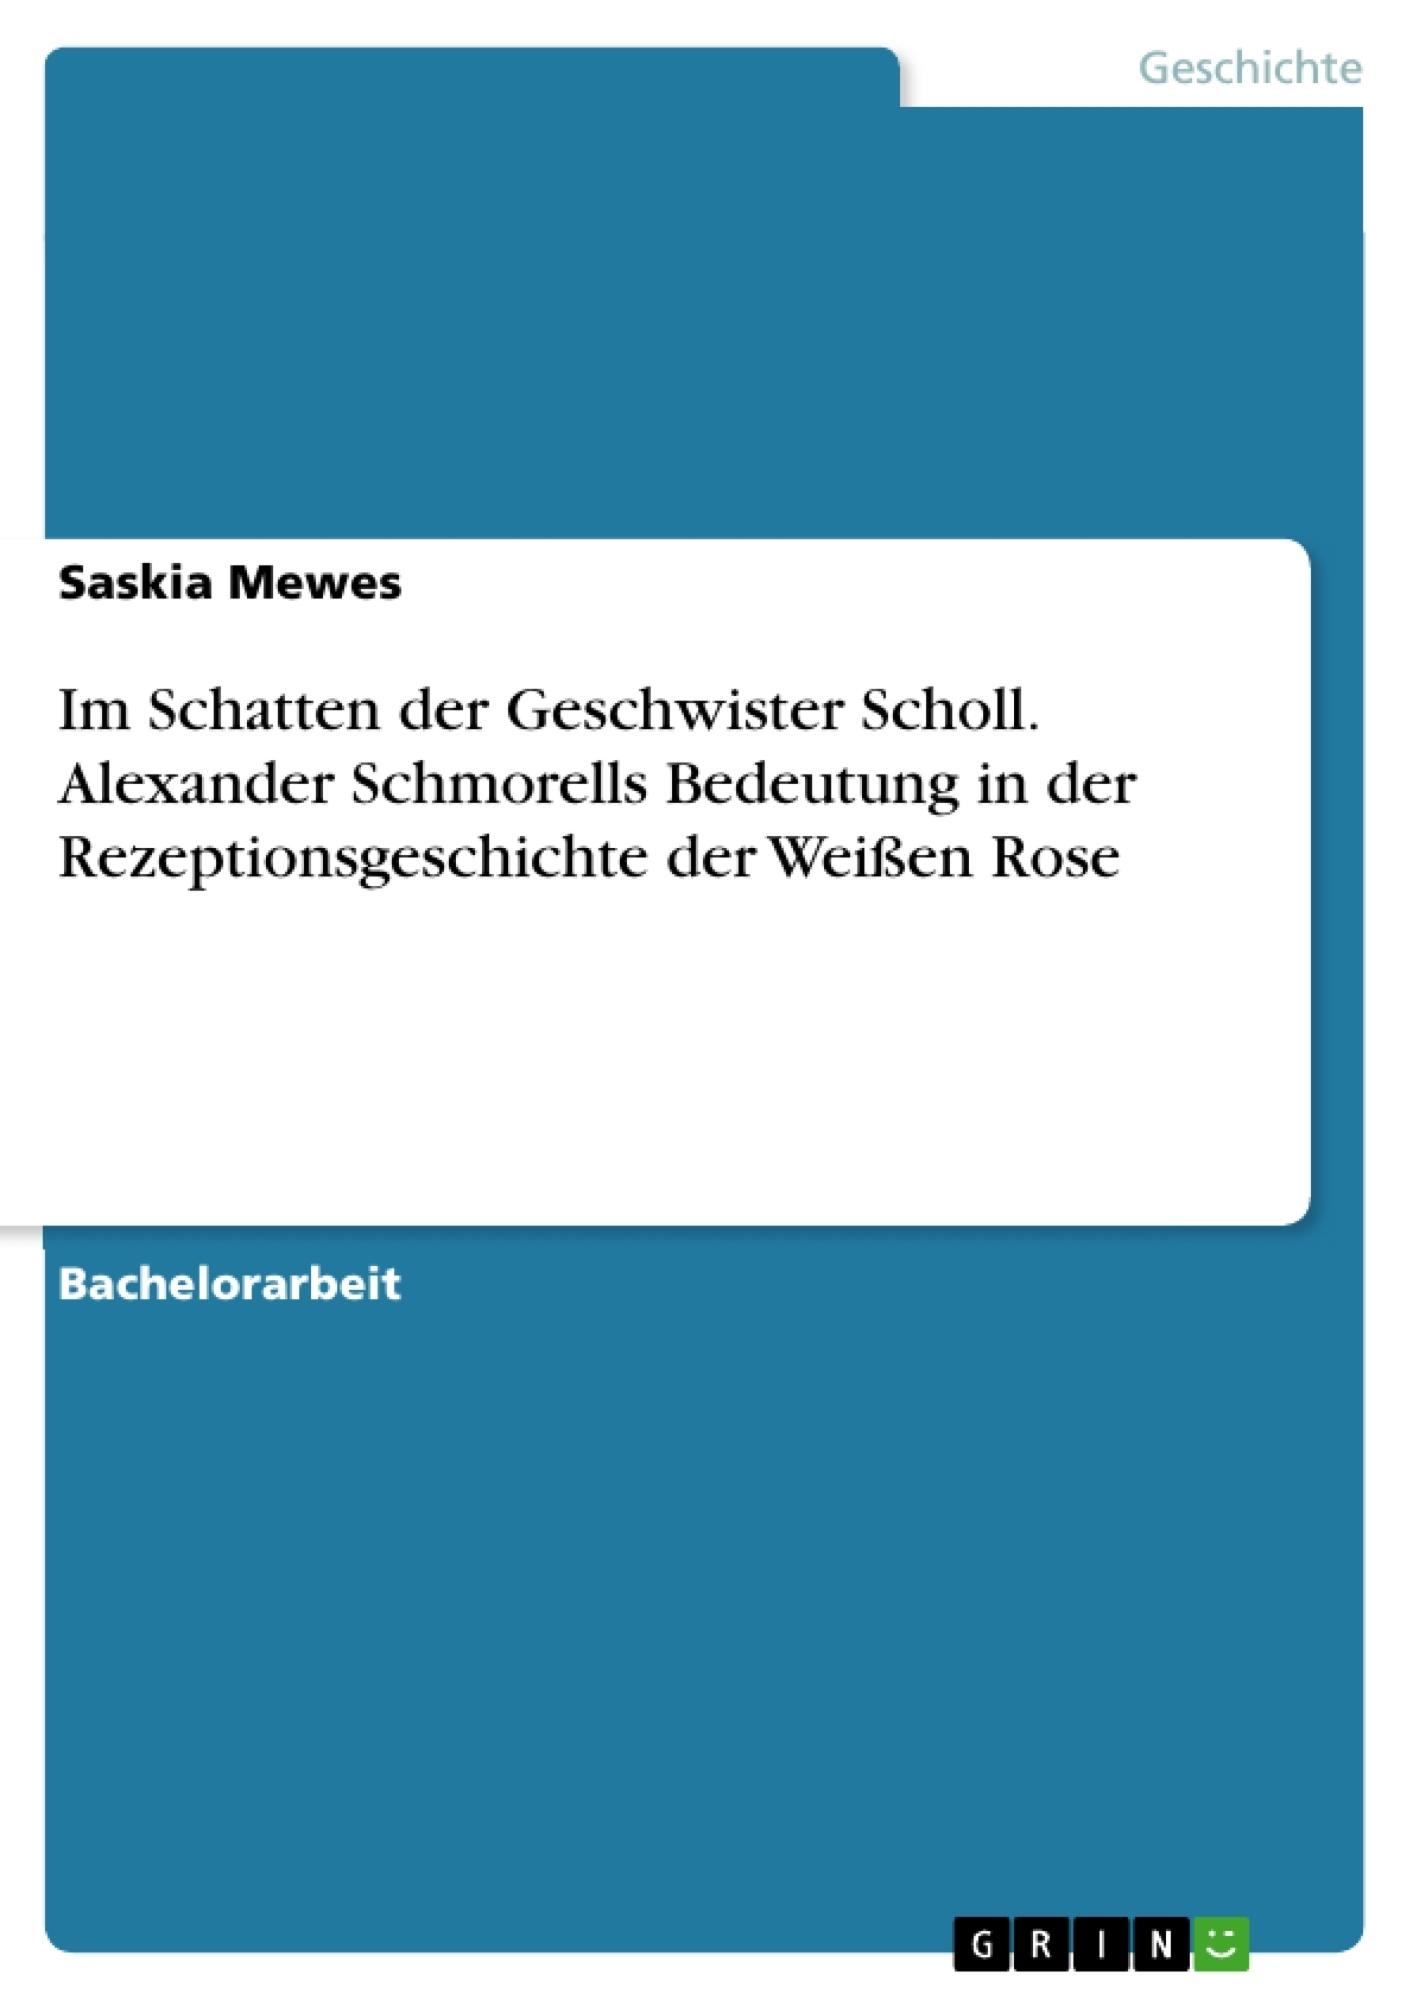 Titel: Im Schatten der Geschwister Scholl. Alexander Schmorells Bedeutung in der Rezeptionsgeschichte der Weißen Rose